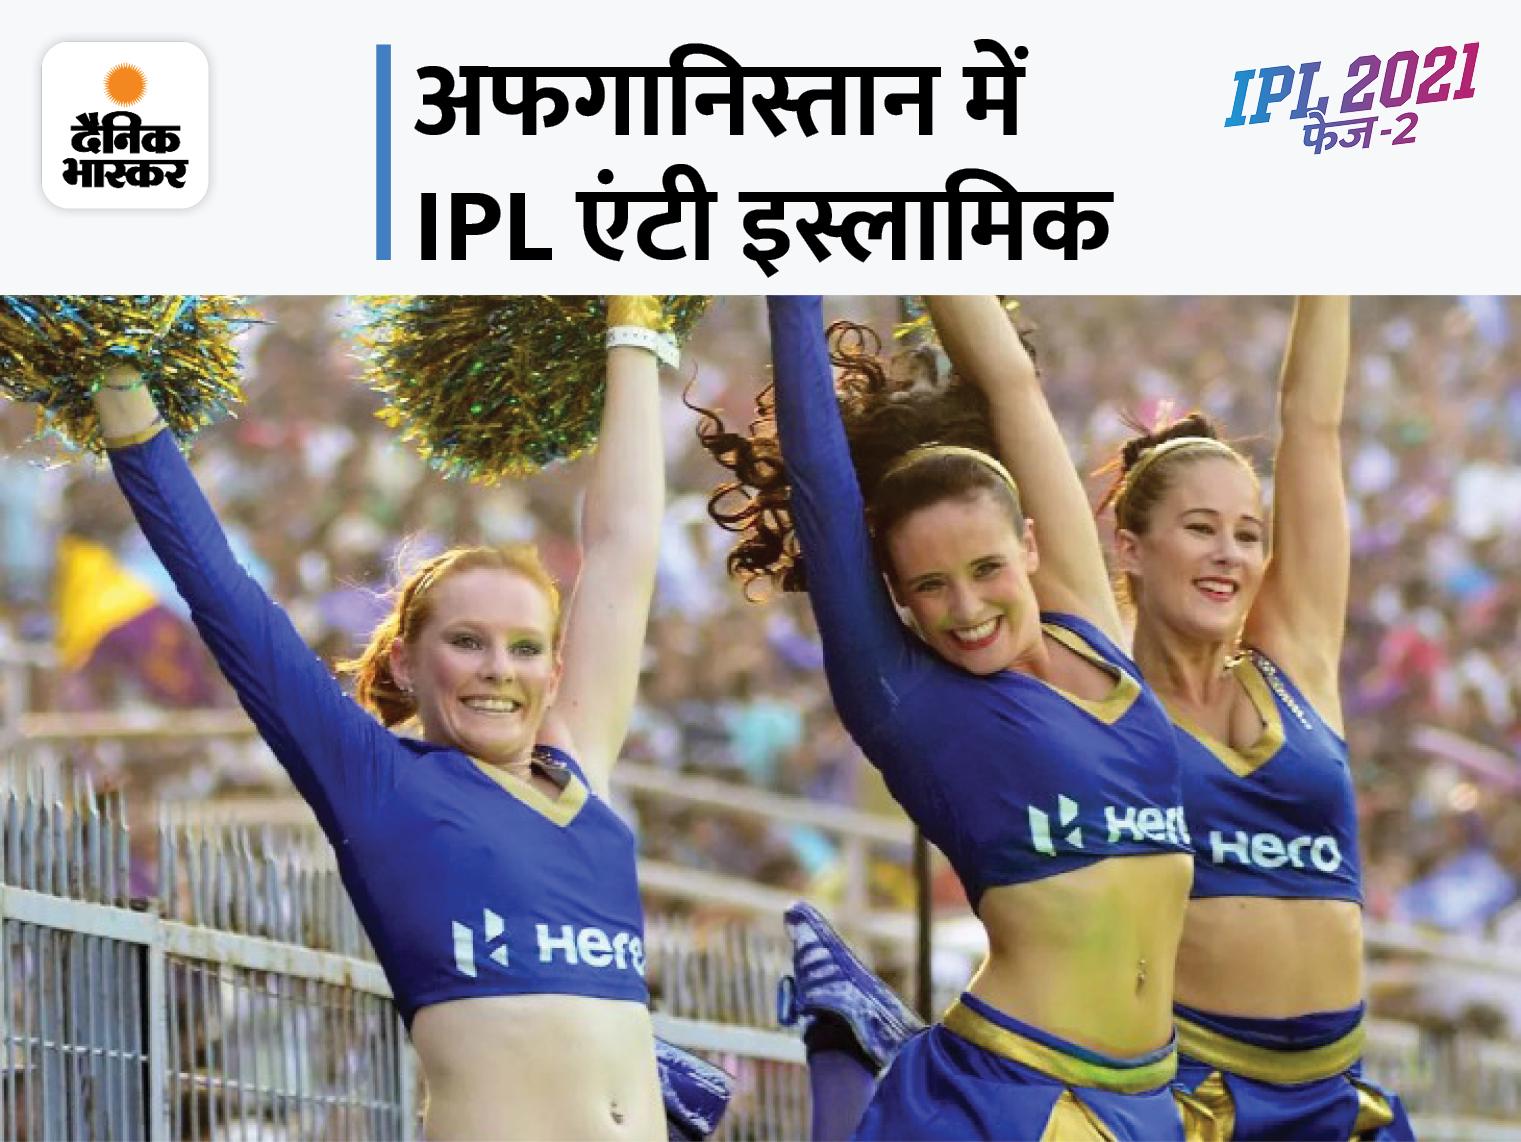 अफगानिस्तान में नहीं होगा IPL का टेलीकास्ट, तालिबान ने कहा- इसका कंटेंट इस्लाम विरोधी, लड़कियां डांस करती हैं IPL 2021,IPL 2021 - Dainik Bhaskar